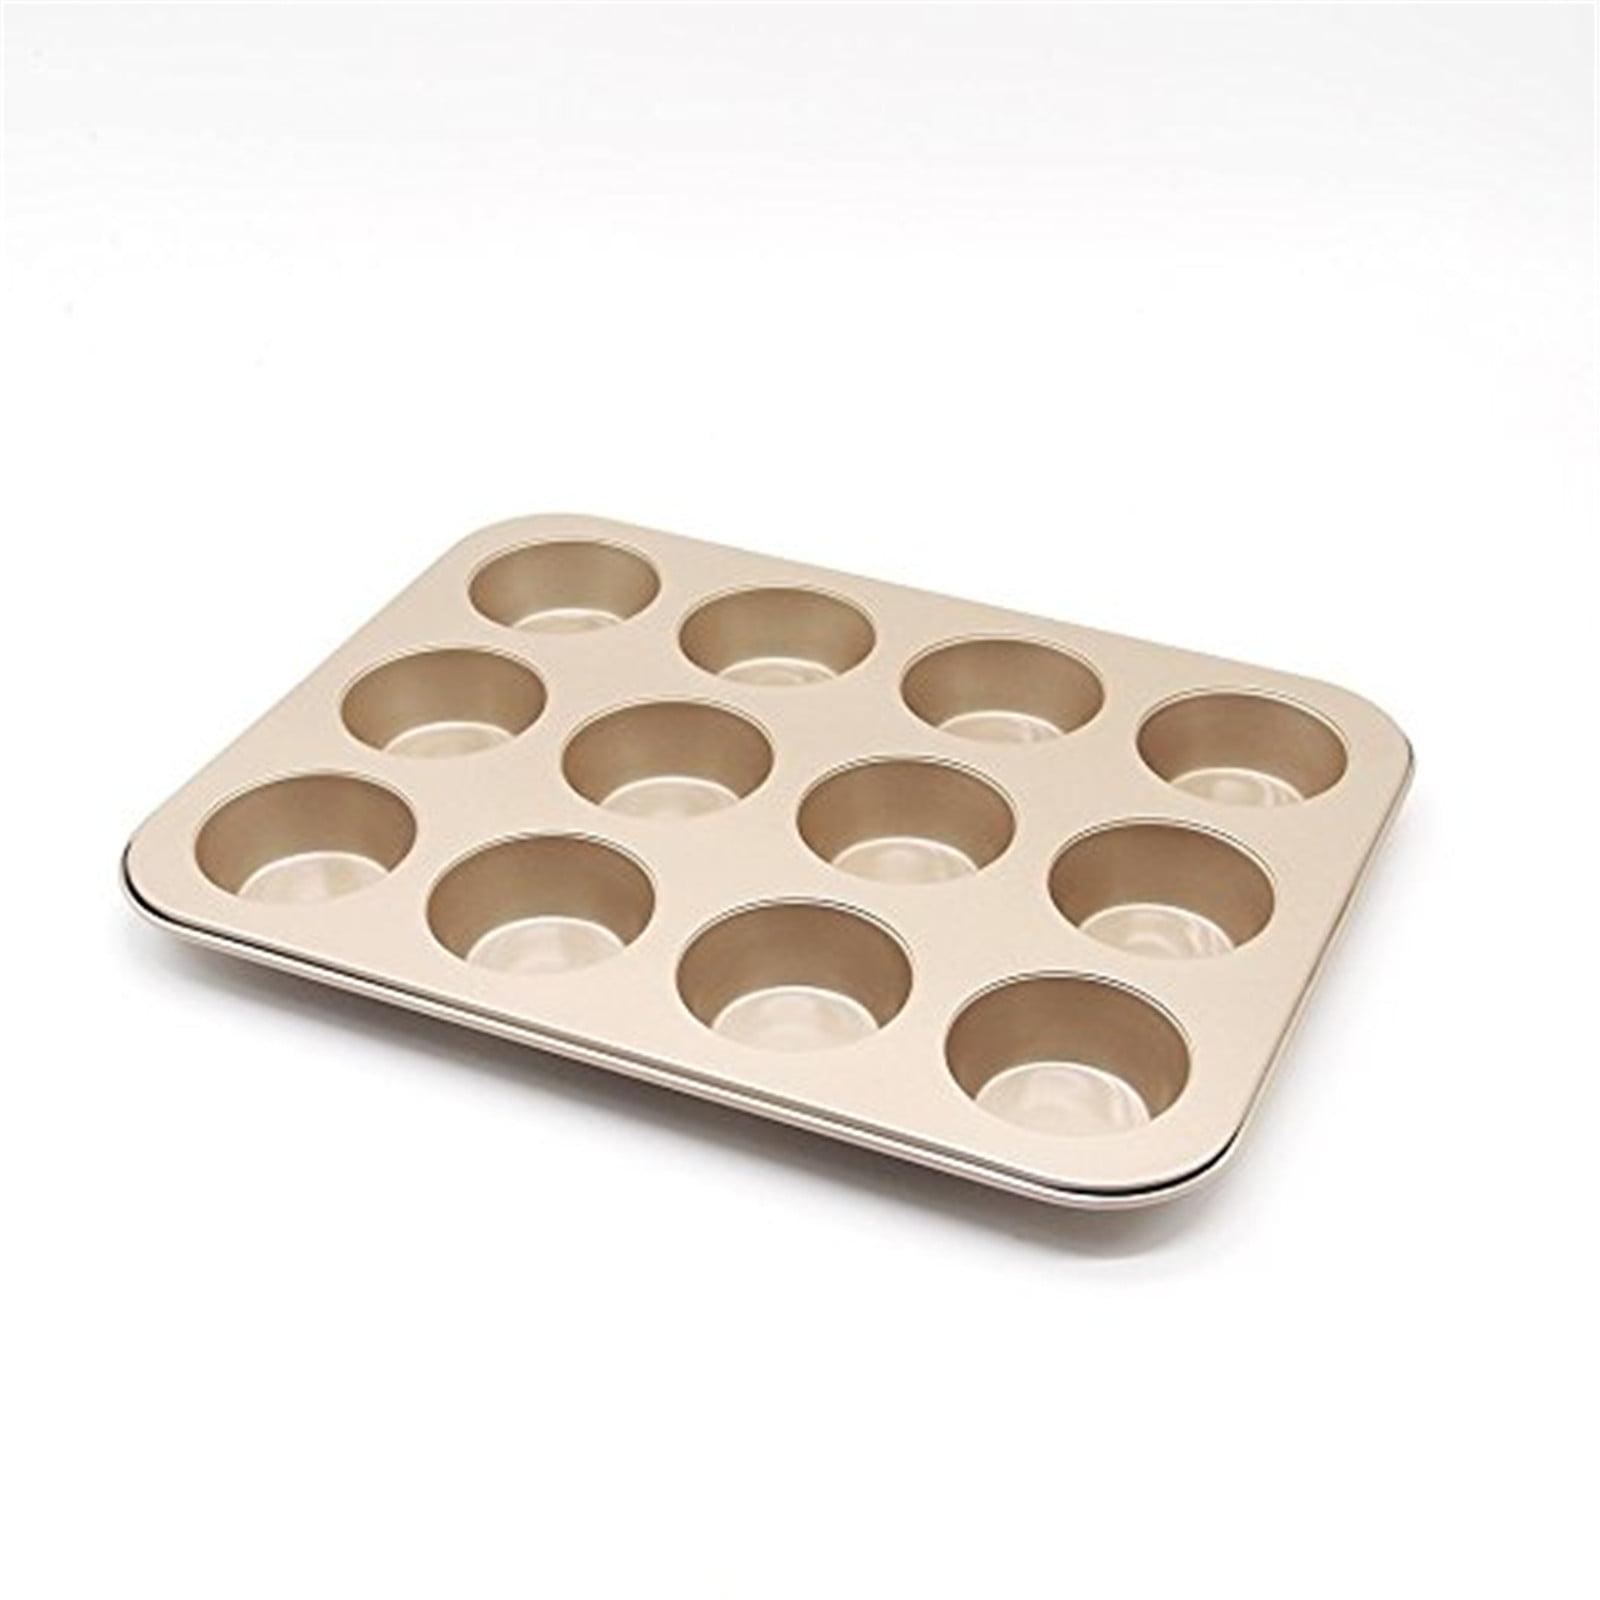 Non-stick Muffin Pan 12 Cups Cupcake Baking Pans Mini Cake Baking Mold, Gold